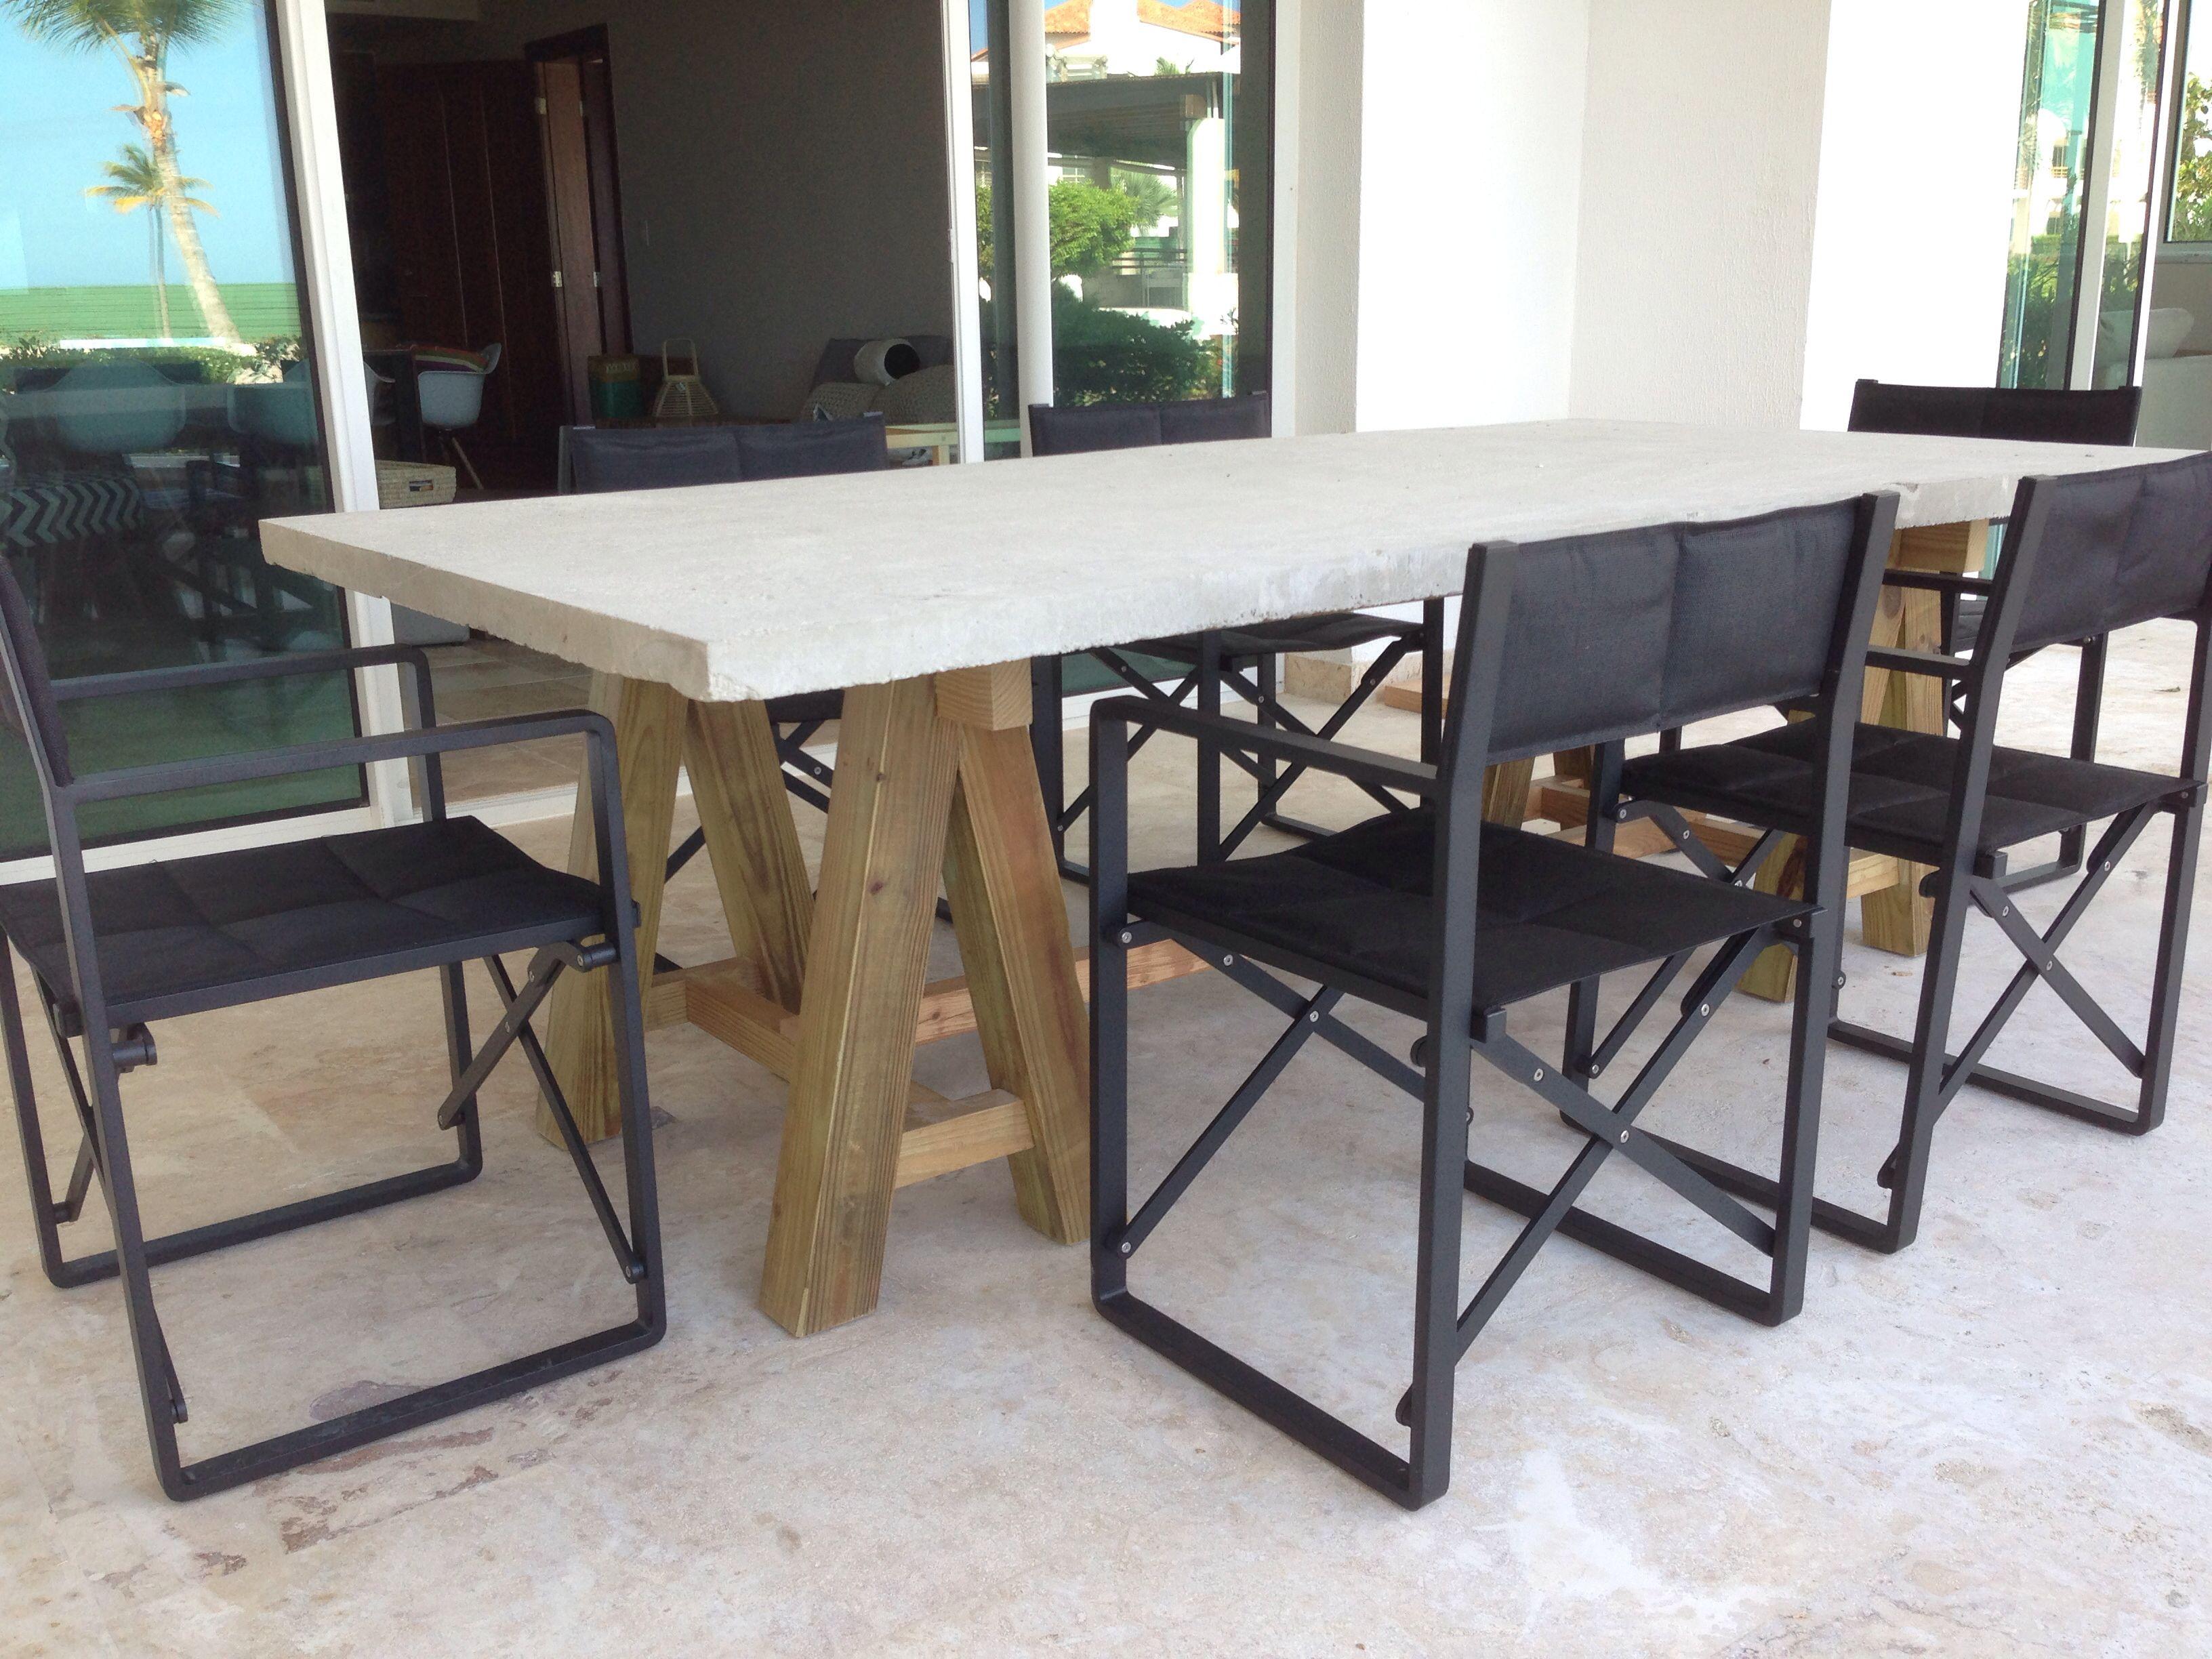 Mesa terraza comedor madera hormig n cemento cemento - Comedor terraza ...